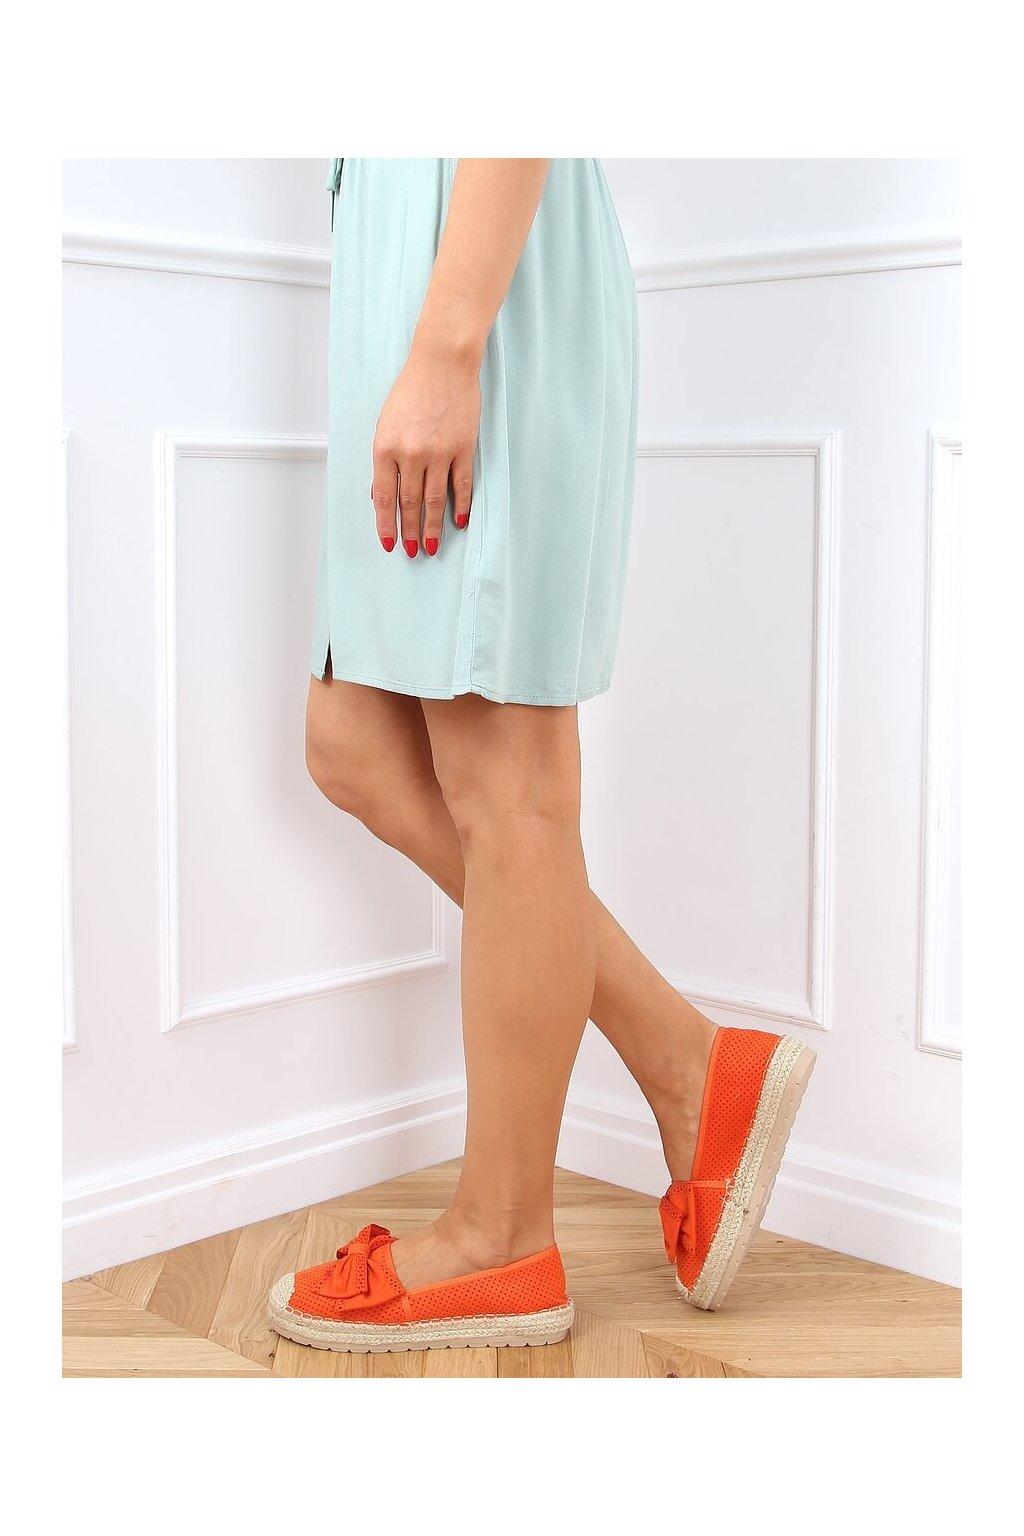 Dámske sandále oranžové na plochom podpätku J131-22